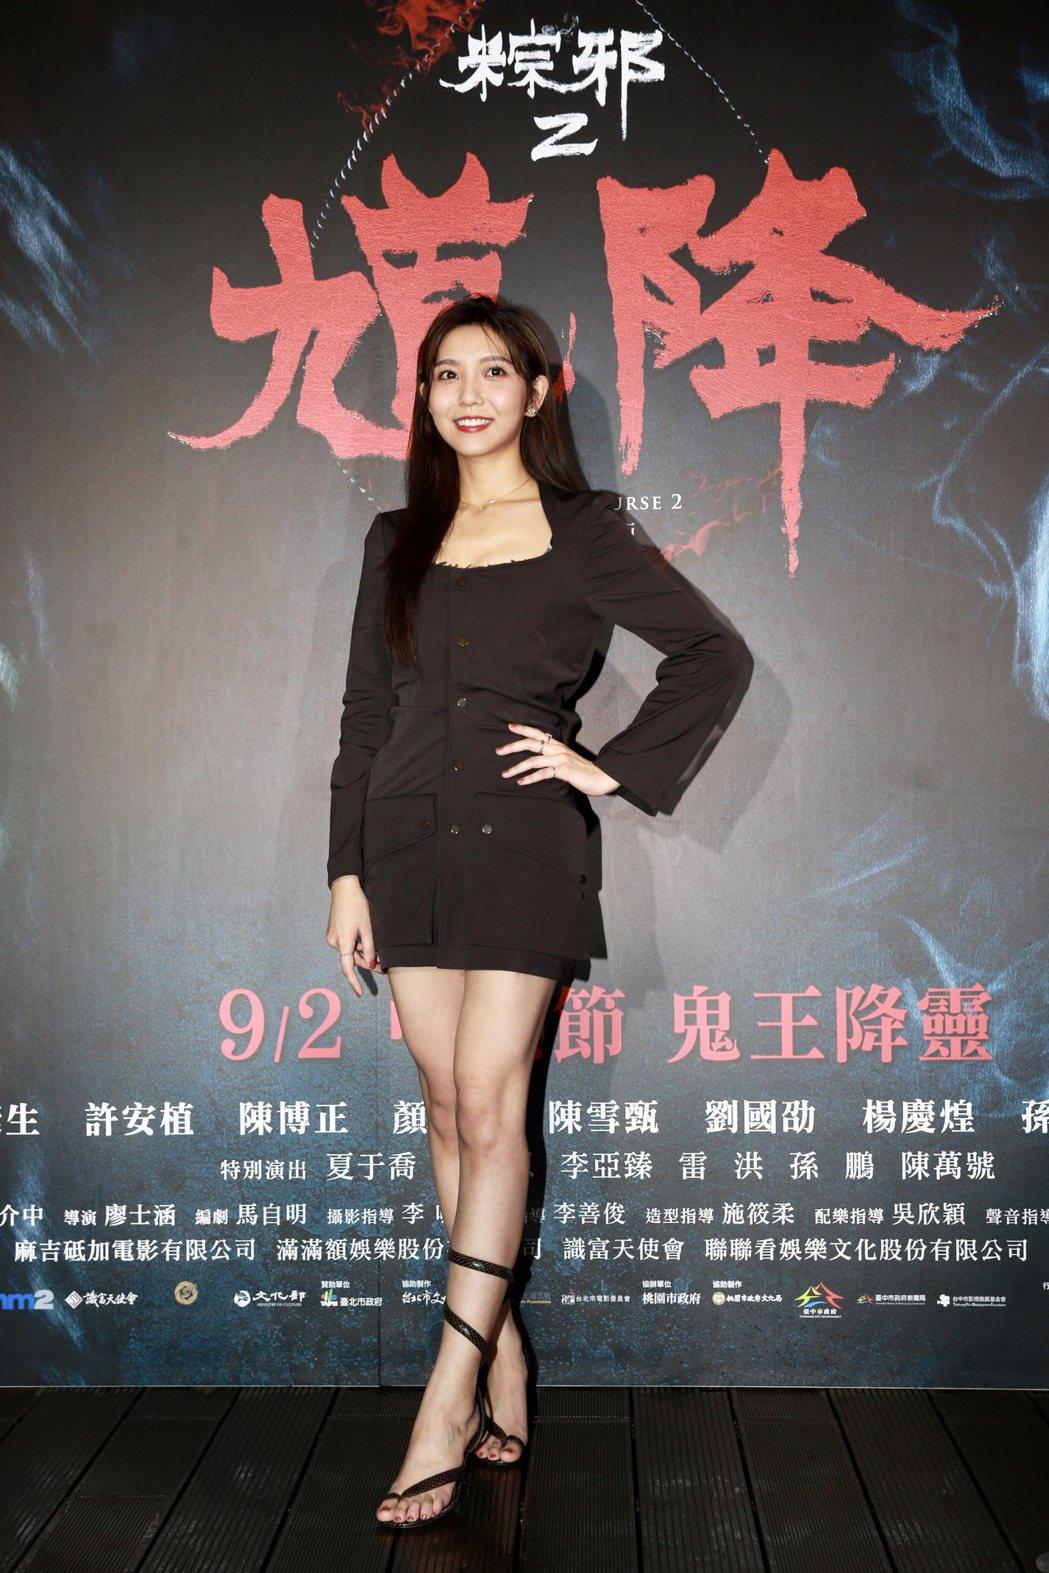 電影「馗降:粽邪2」舉辦首映會,演員夏紫薇出席活動。記者許正宏/攝影